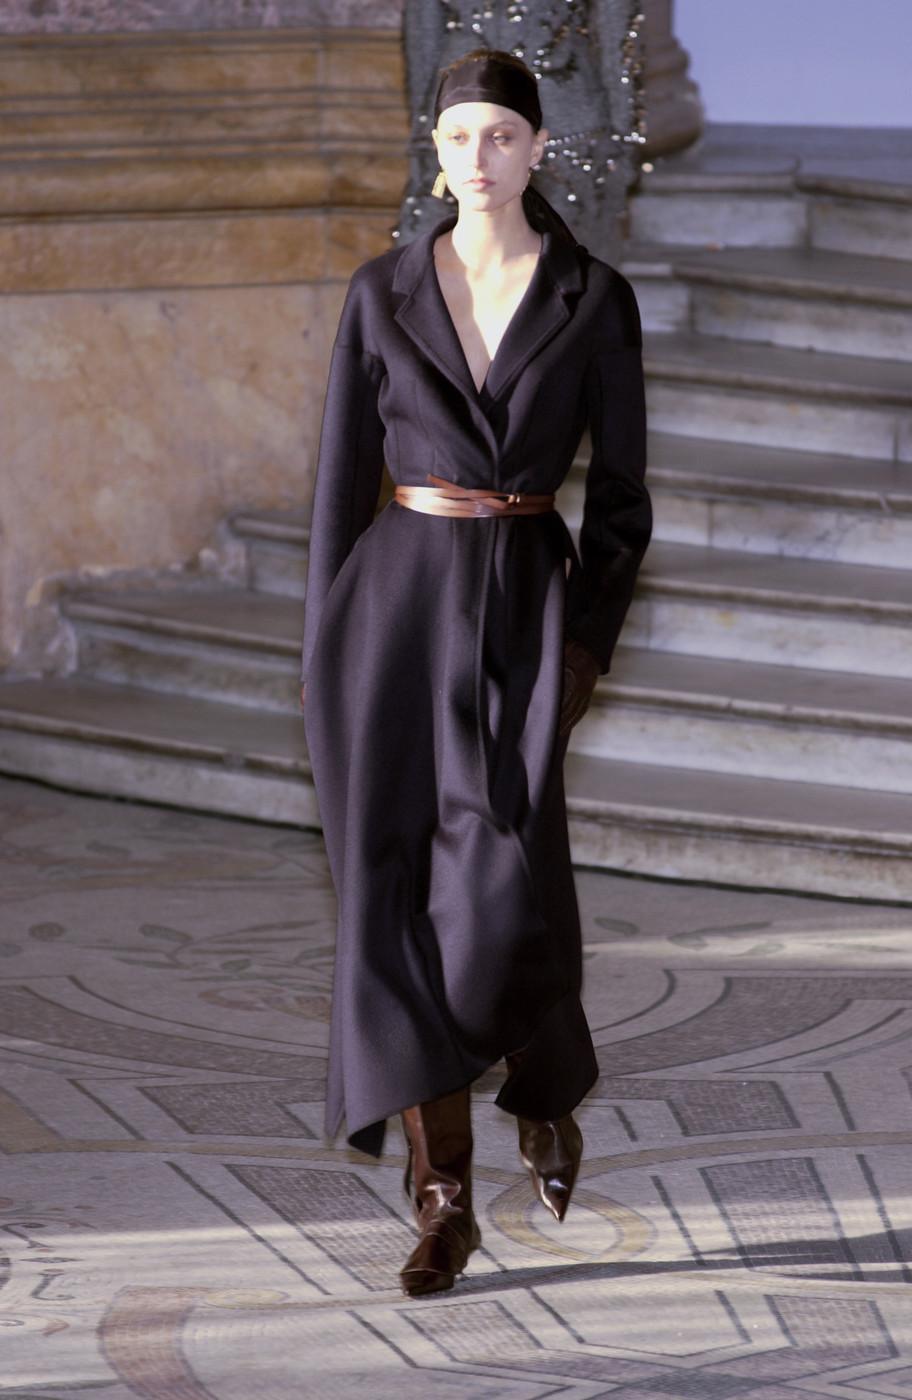 via fashioned by love | Lanvin Fall/Winter 2002